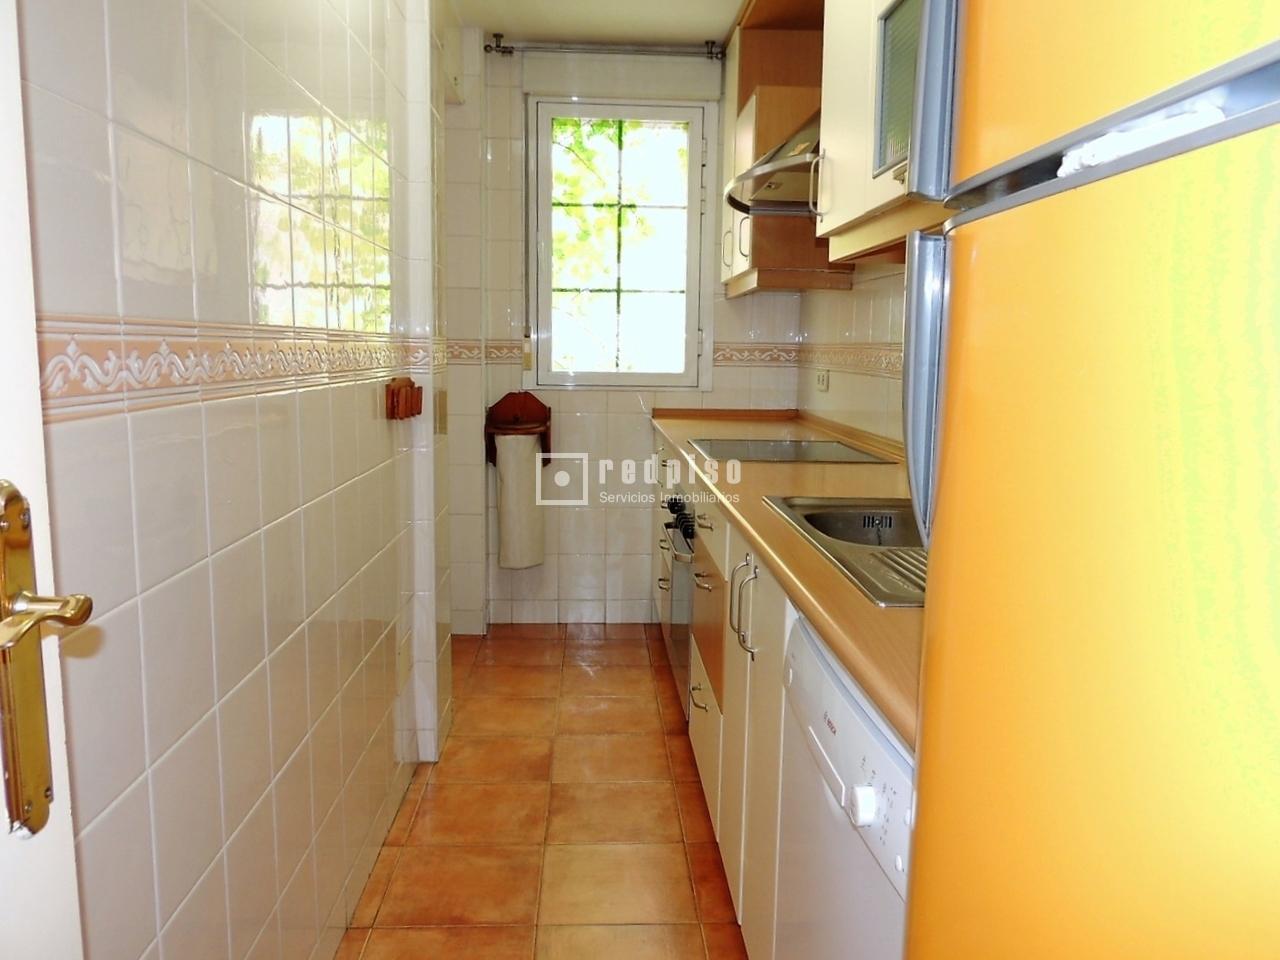 Vistoso Baño Y Cocina Remodelación Costo Cresta - Como Decorar la ...